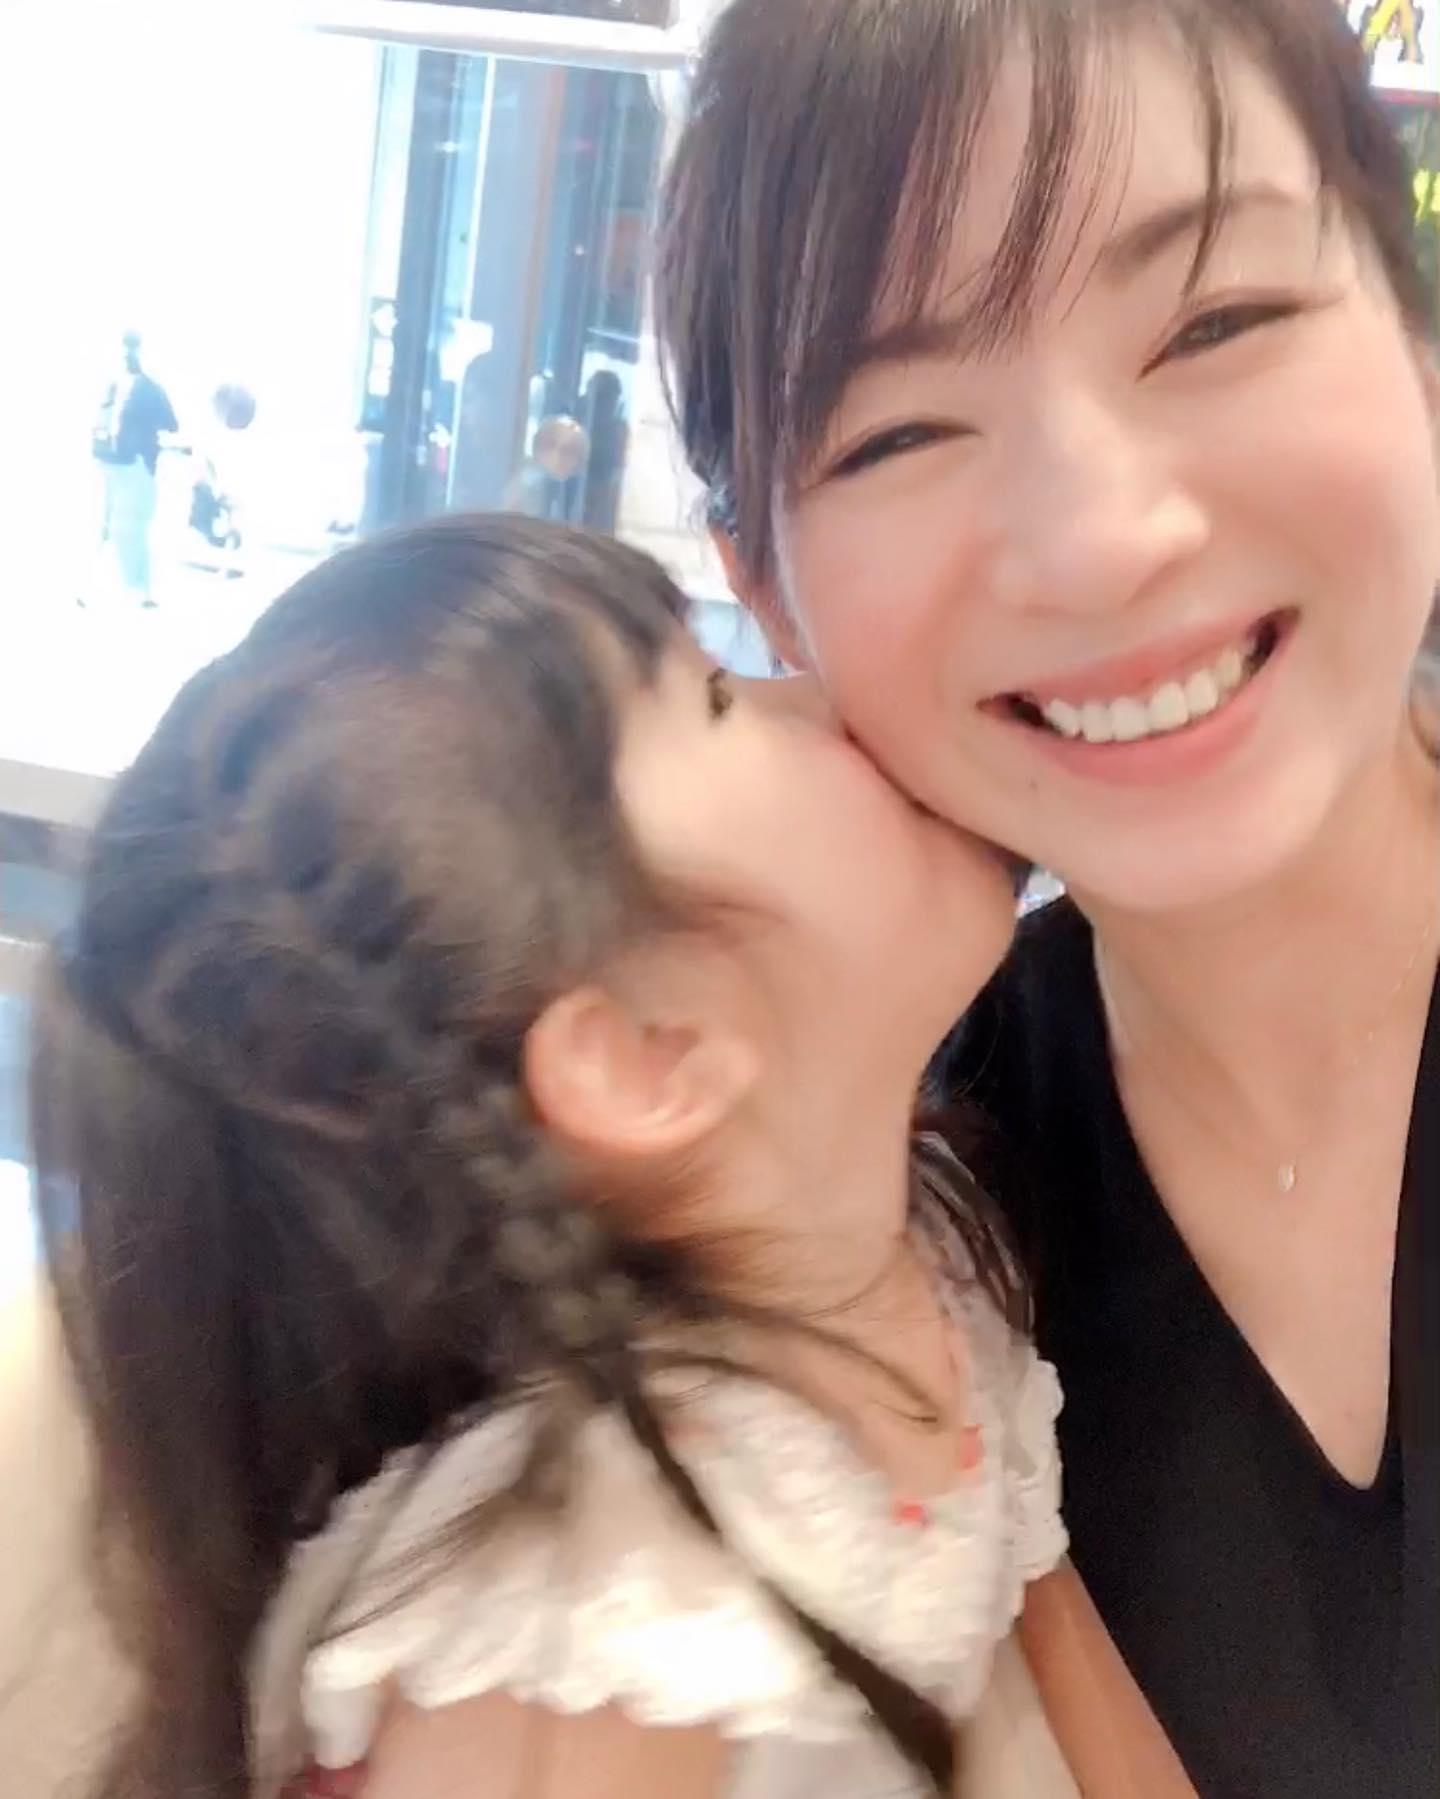 口コミ投稿:3歳の娘❤️最近会話が成立するから楽しくて可愛くてやばい😍私に似ず、とっても優しく…